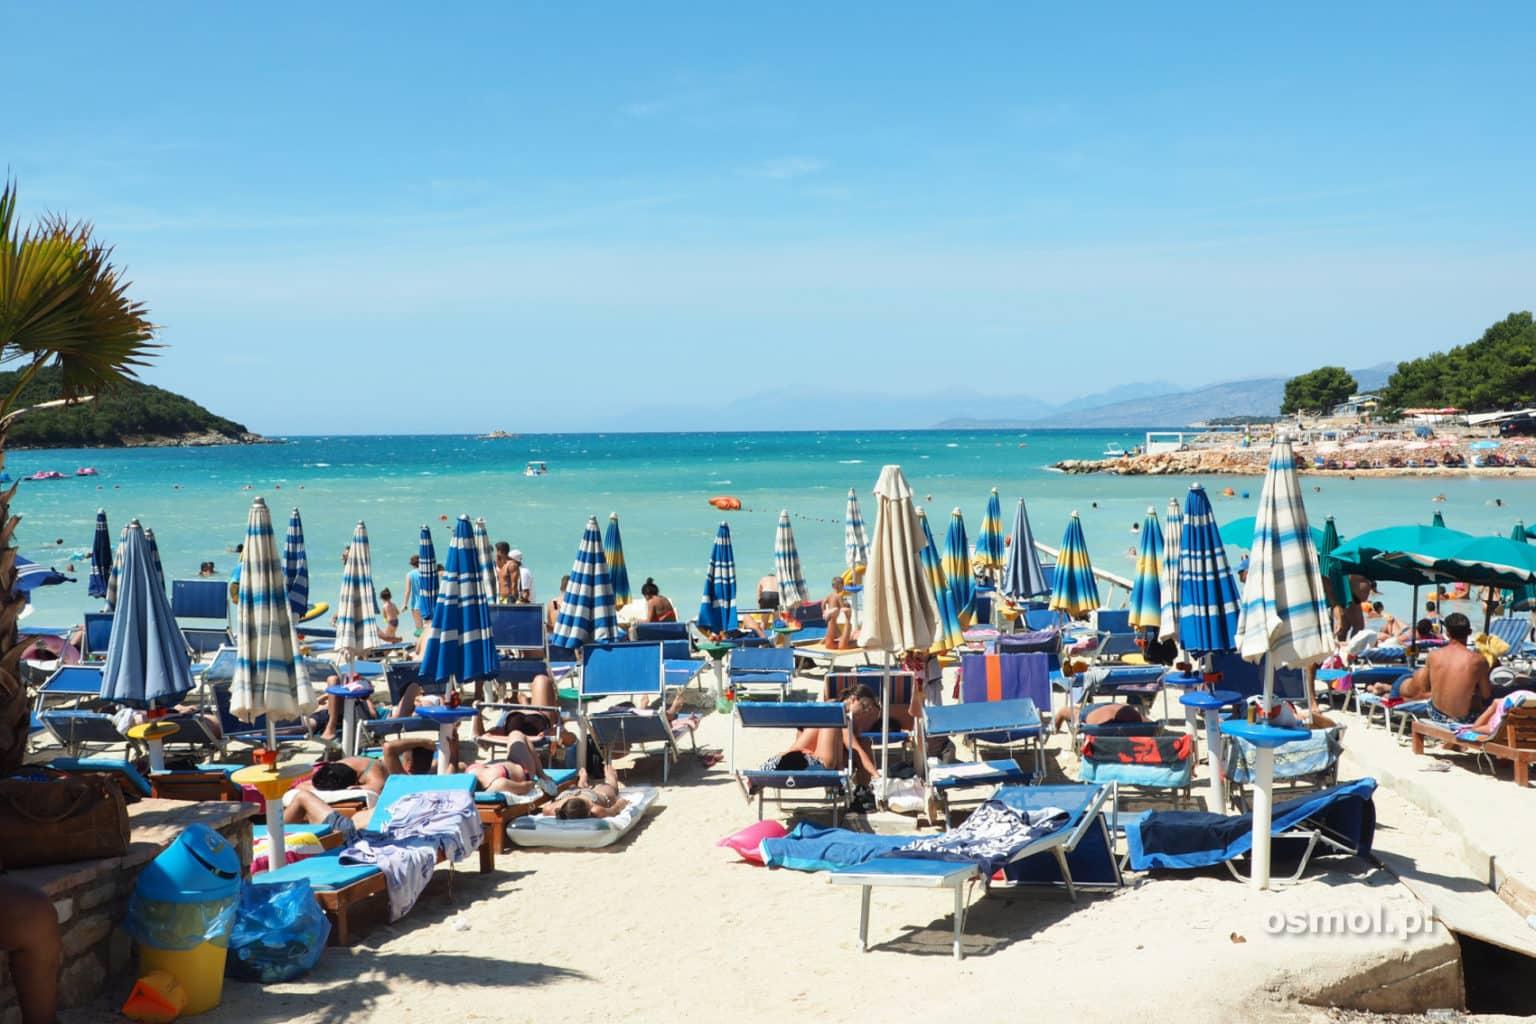 Plaża z parasolami w Ksamilu Albania